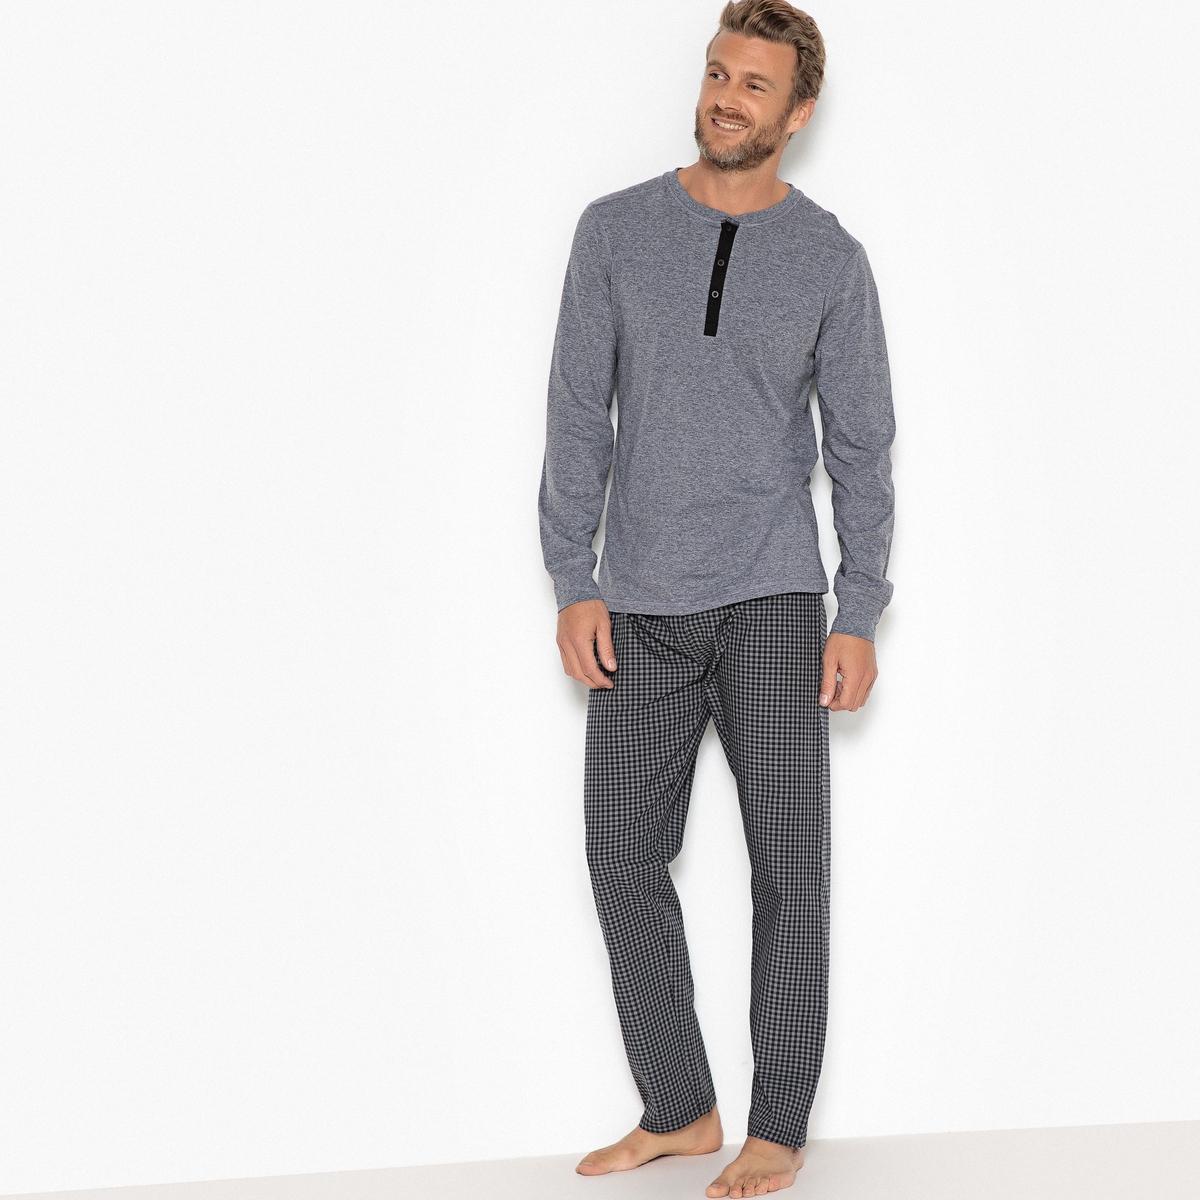 Пижама с футболкой с длинными рукавами и круглым вырезом с разрезом спереди футболка с круглым вырезом с разрезом спереди и длинными рукавами